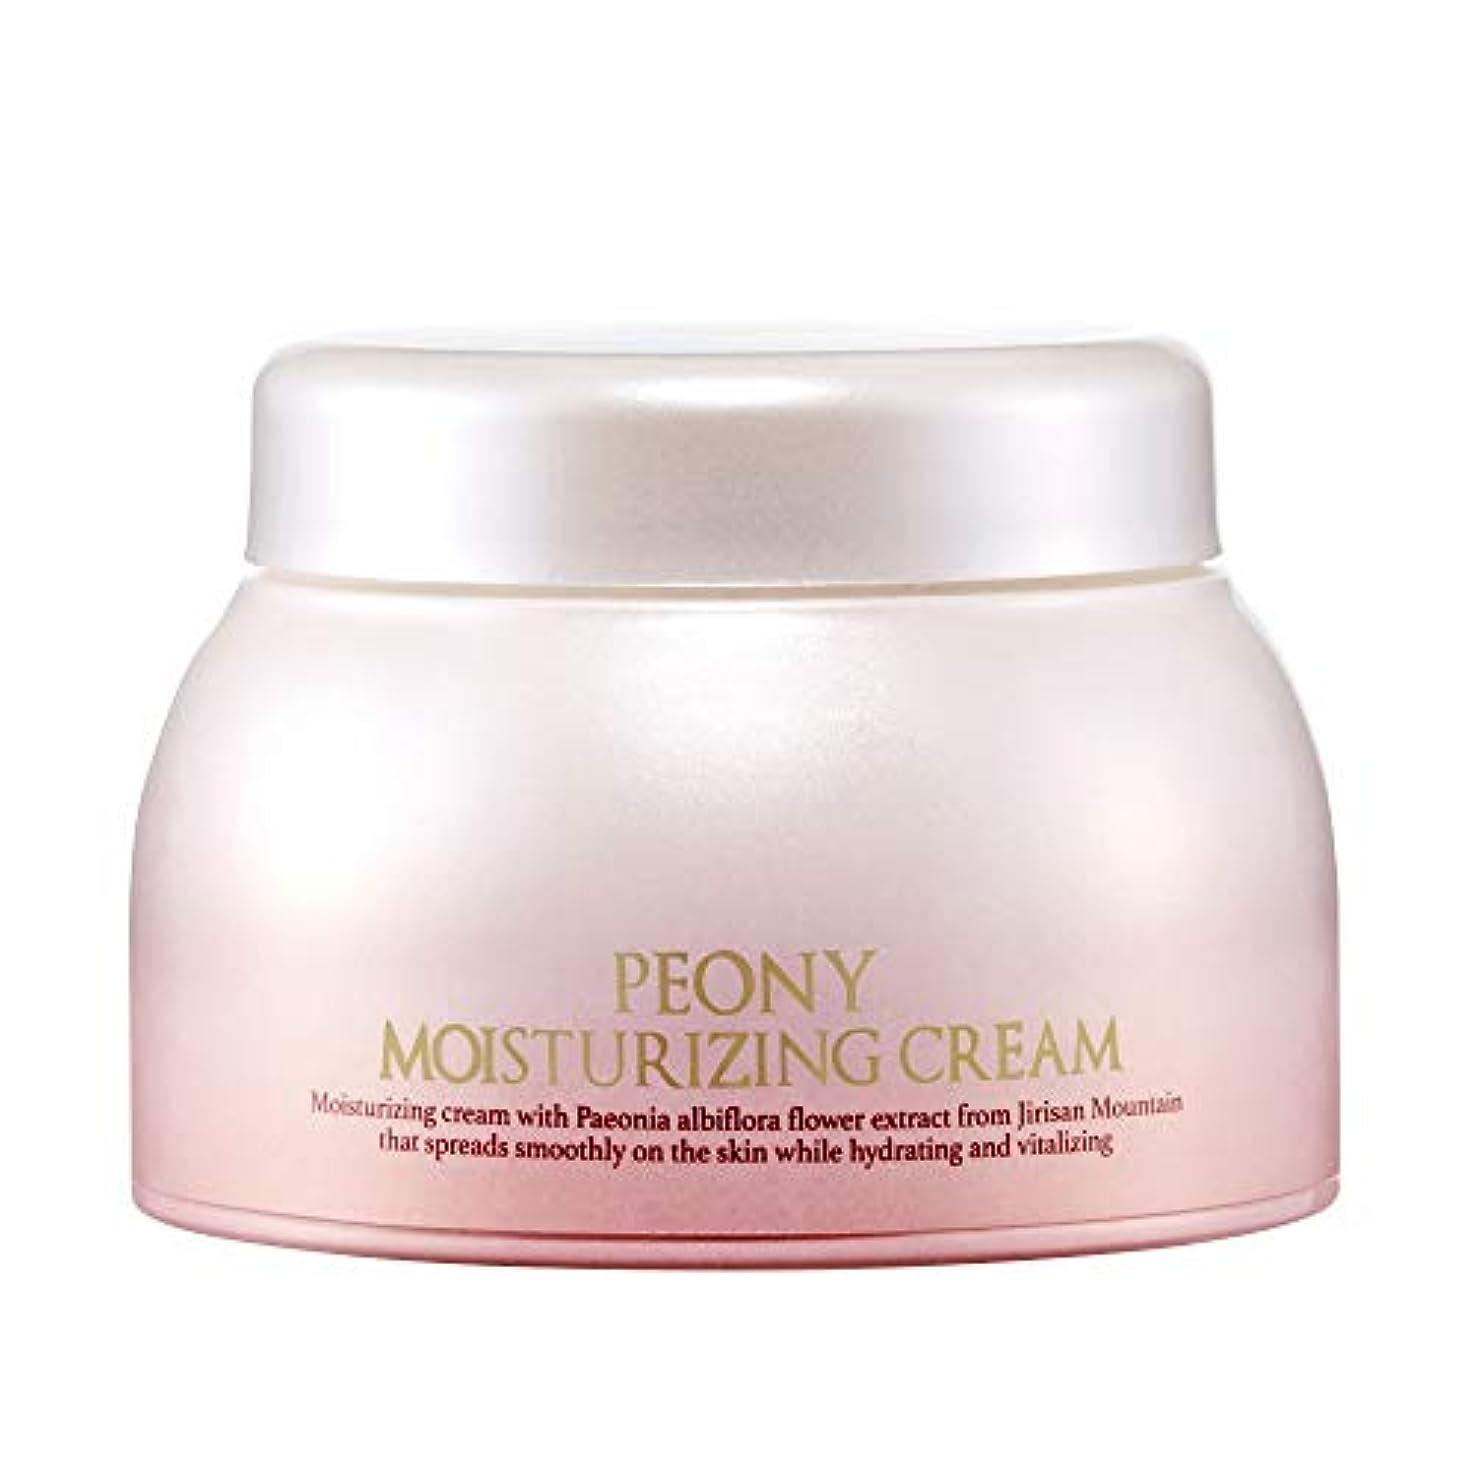 代わりの不信分析するBAEGAYUL (ベガユル) シャクヤク 保湿クリーム / Peony Moisturizing Cream (50g) [並行輸入品]